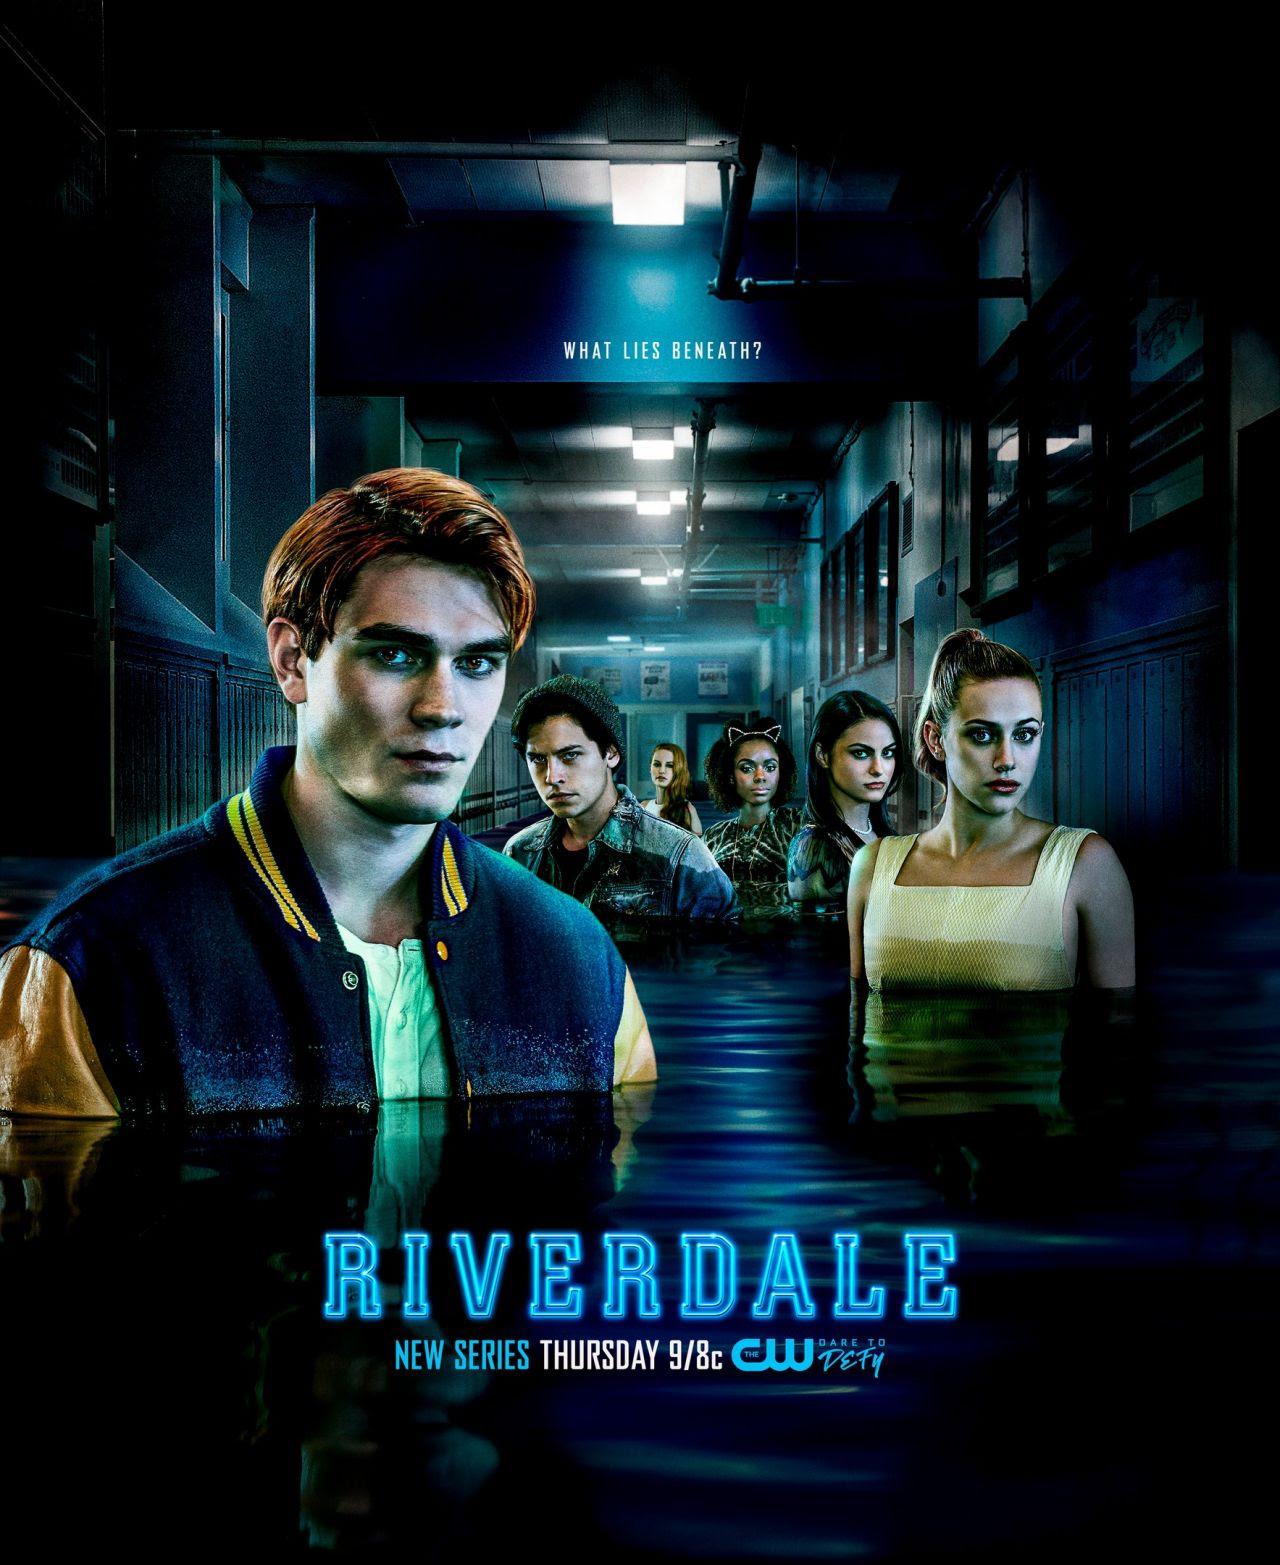 Resultado de imagem para Riverdale posters